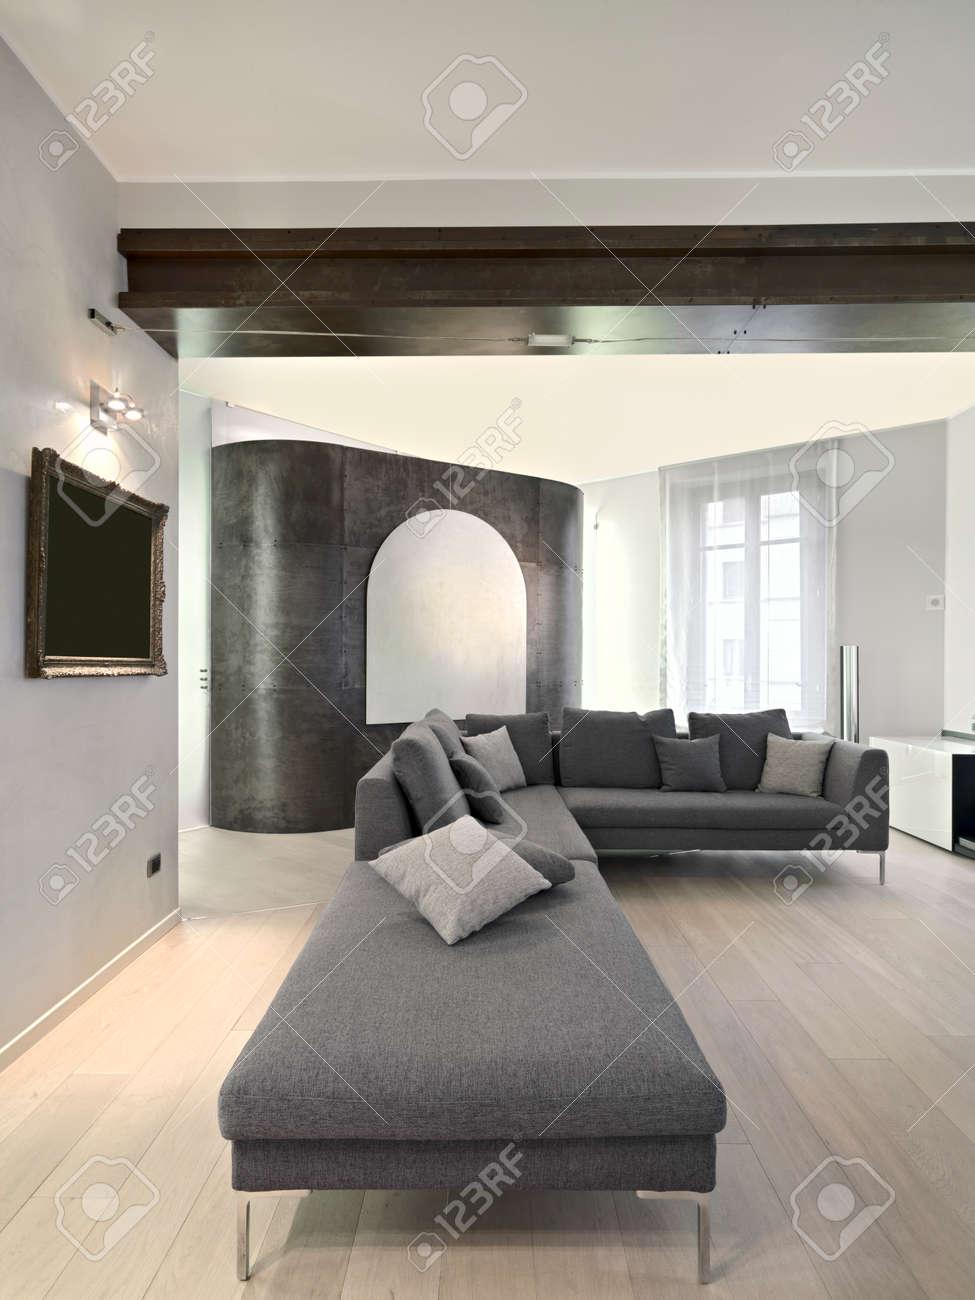 Canapé en tissu gris dans le salon moderne avec plancher de bois